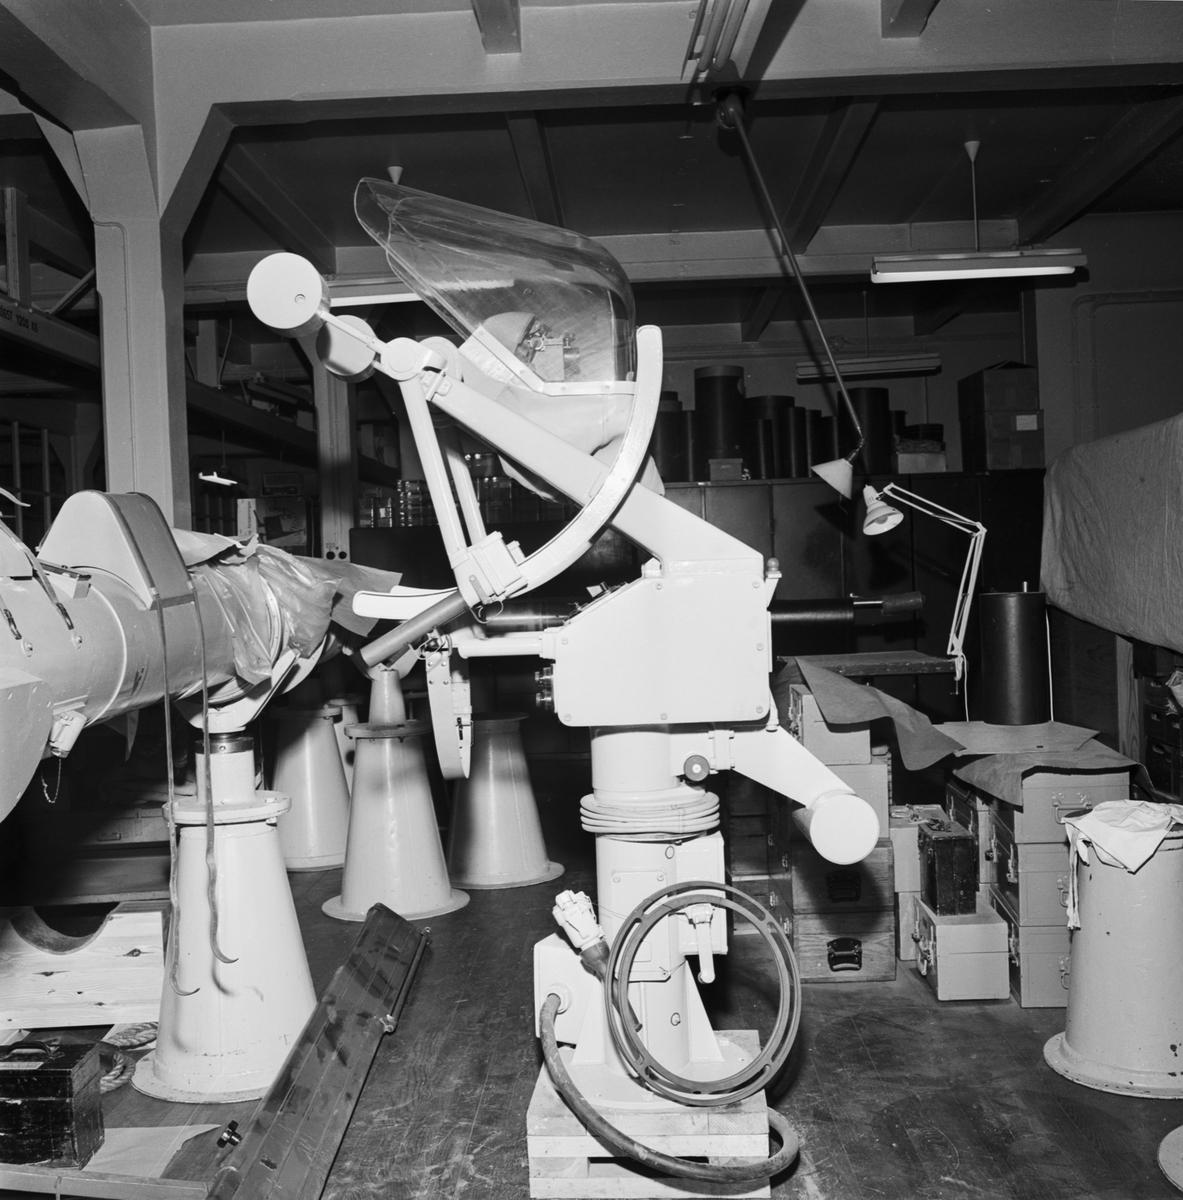 Övrigt: Foto datum: 4/6 1964 Verkstäder och personal. Sikte (Opt.verkstan). Närmast identisk bild: V28733, ej skannad